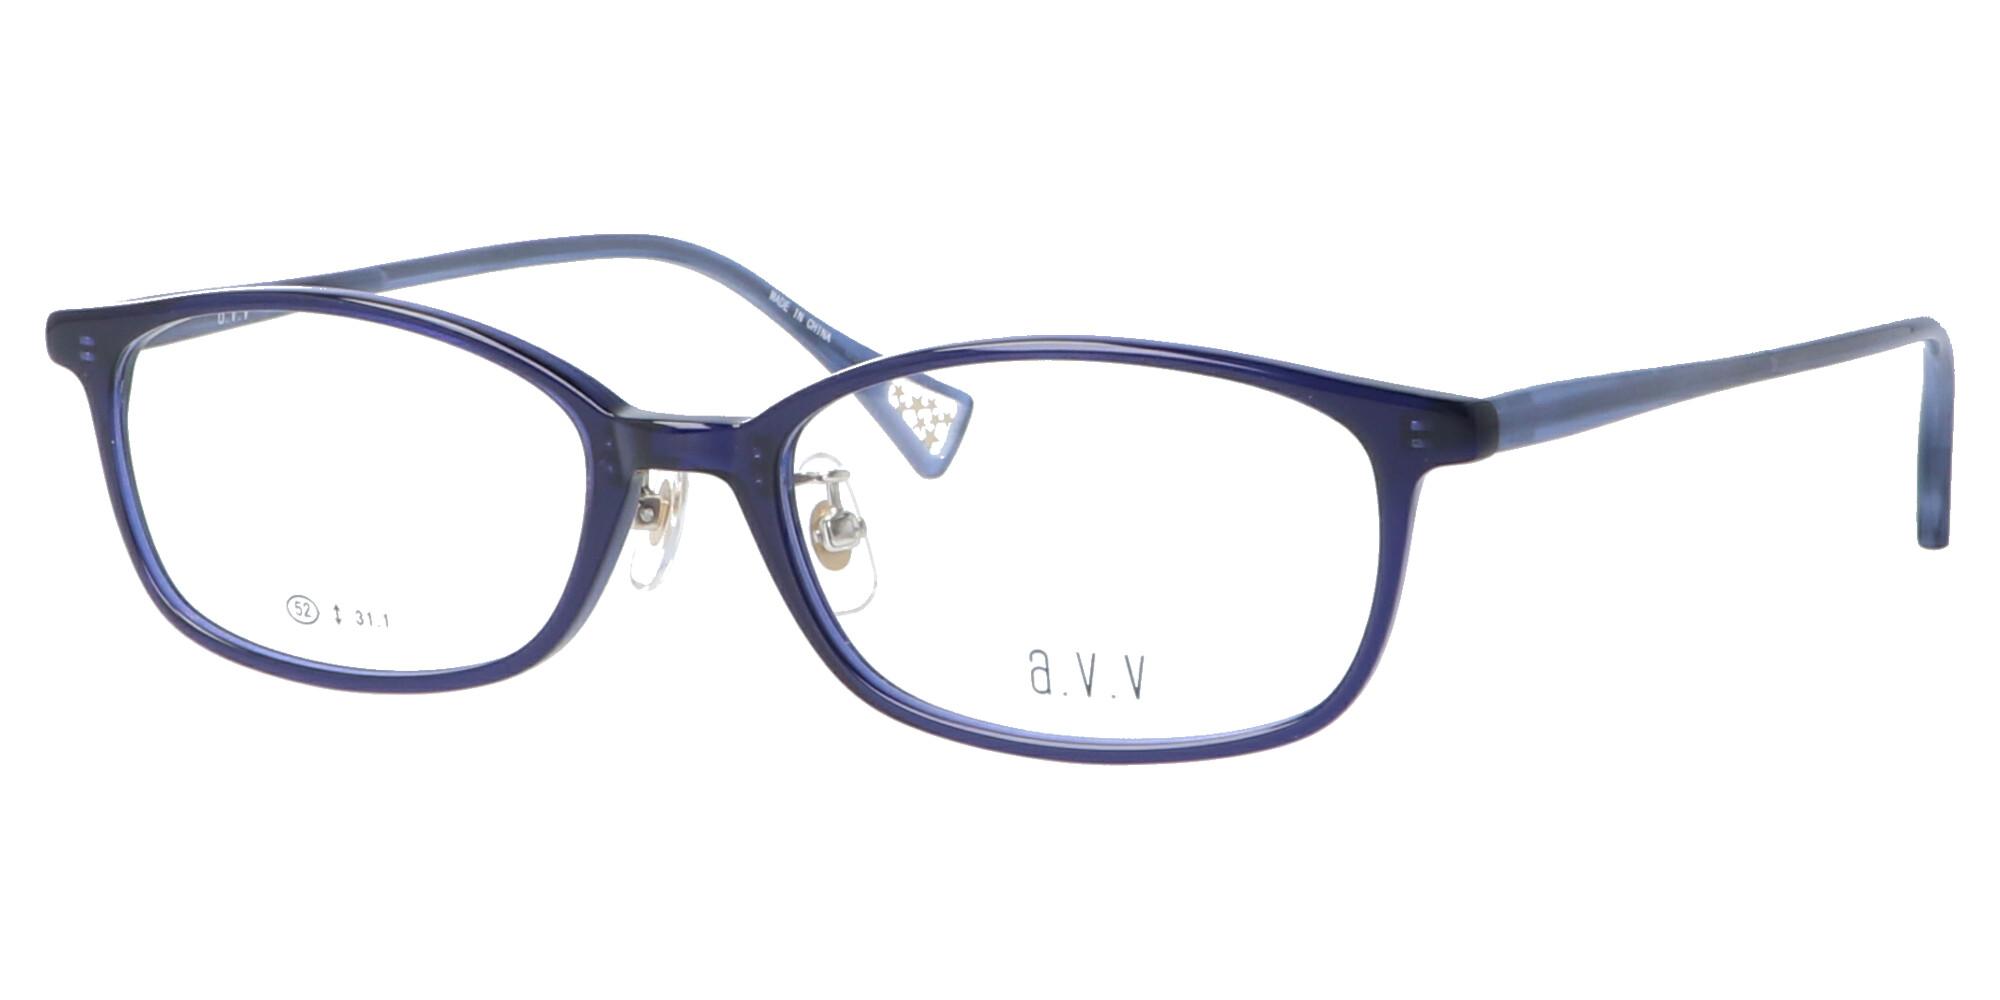 AVV MK5124_52_クリアパープルブルー